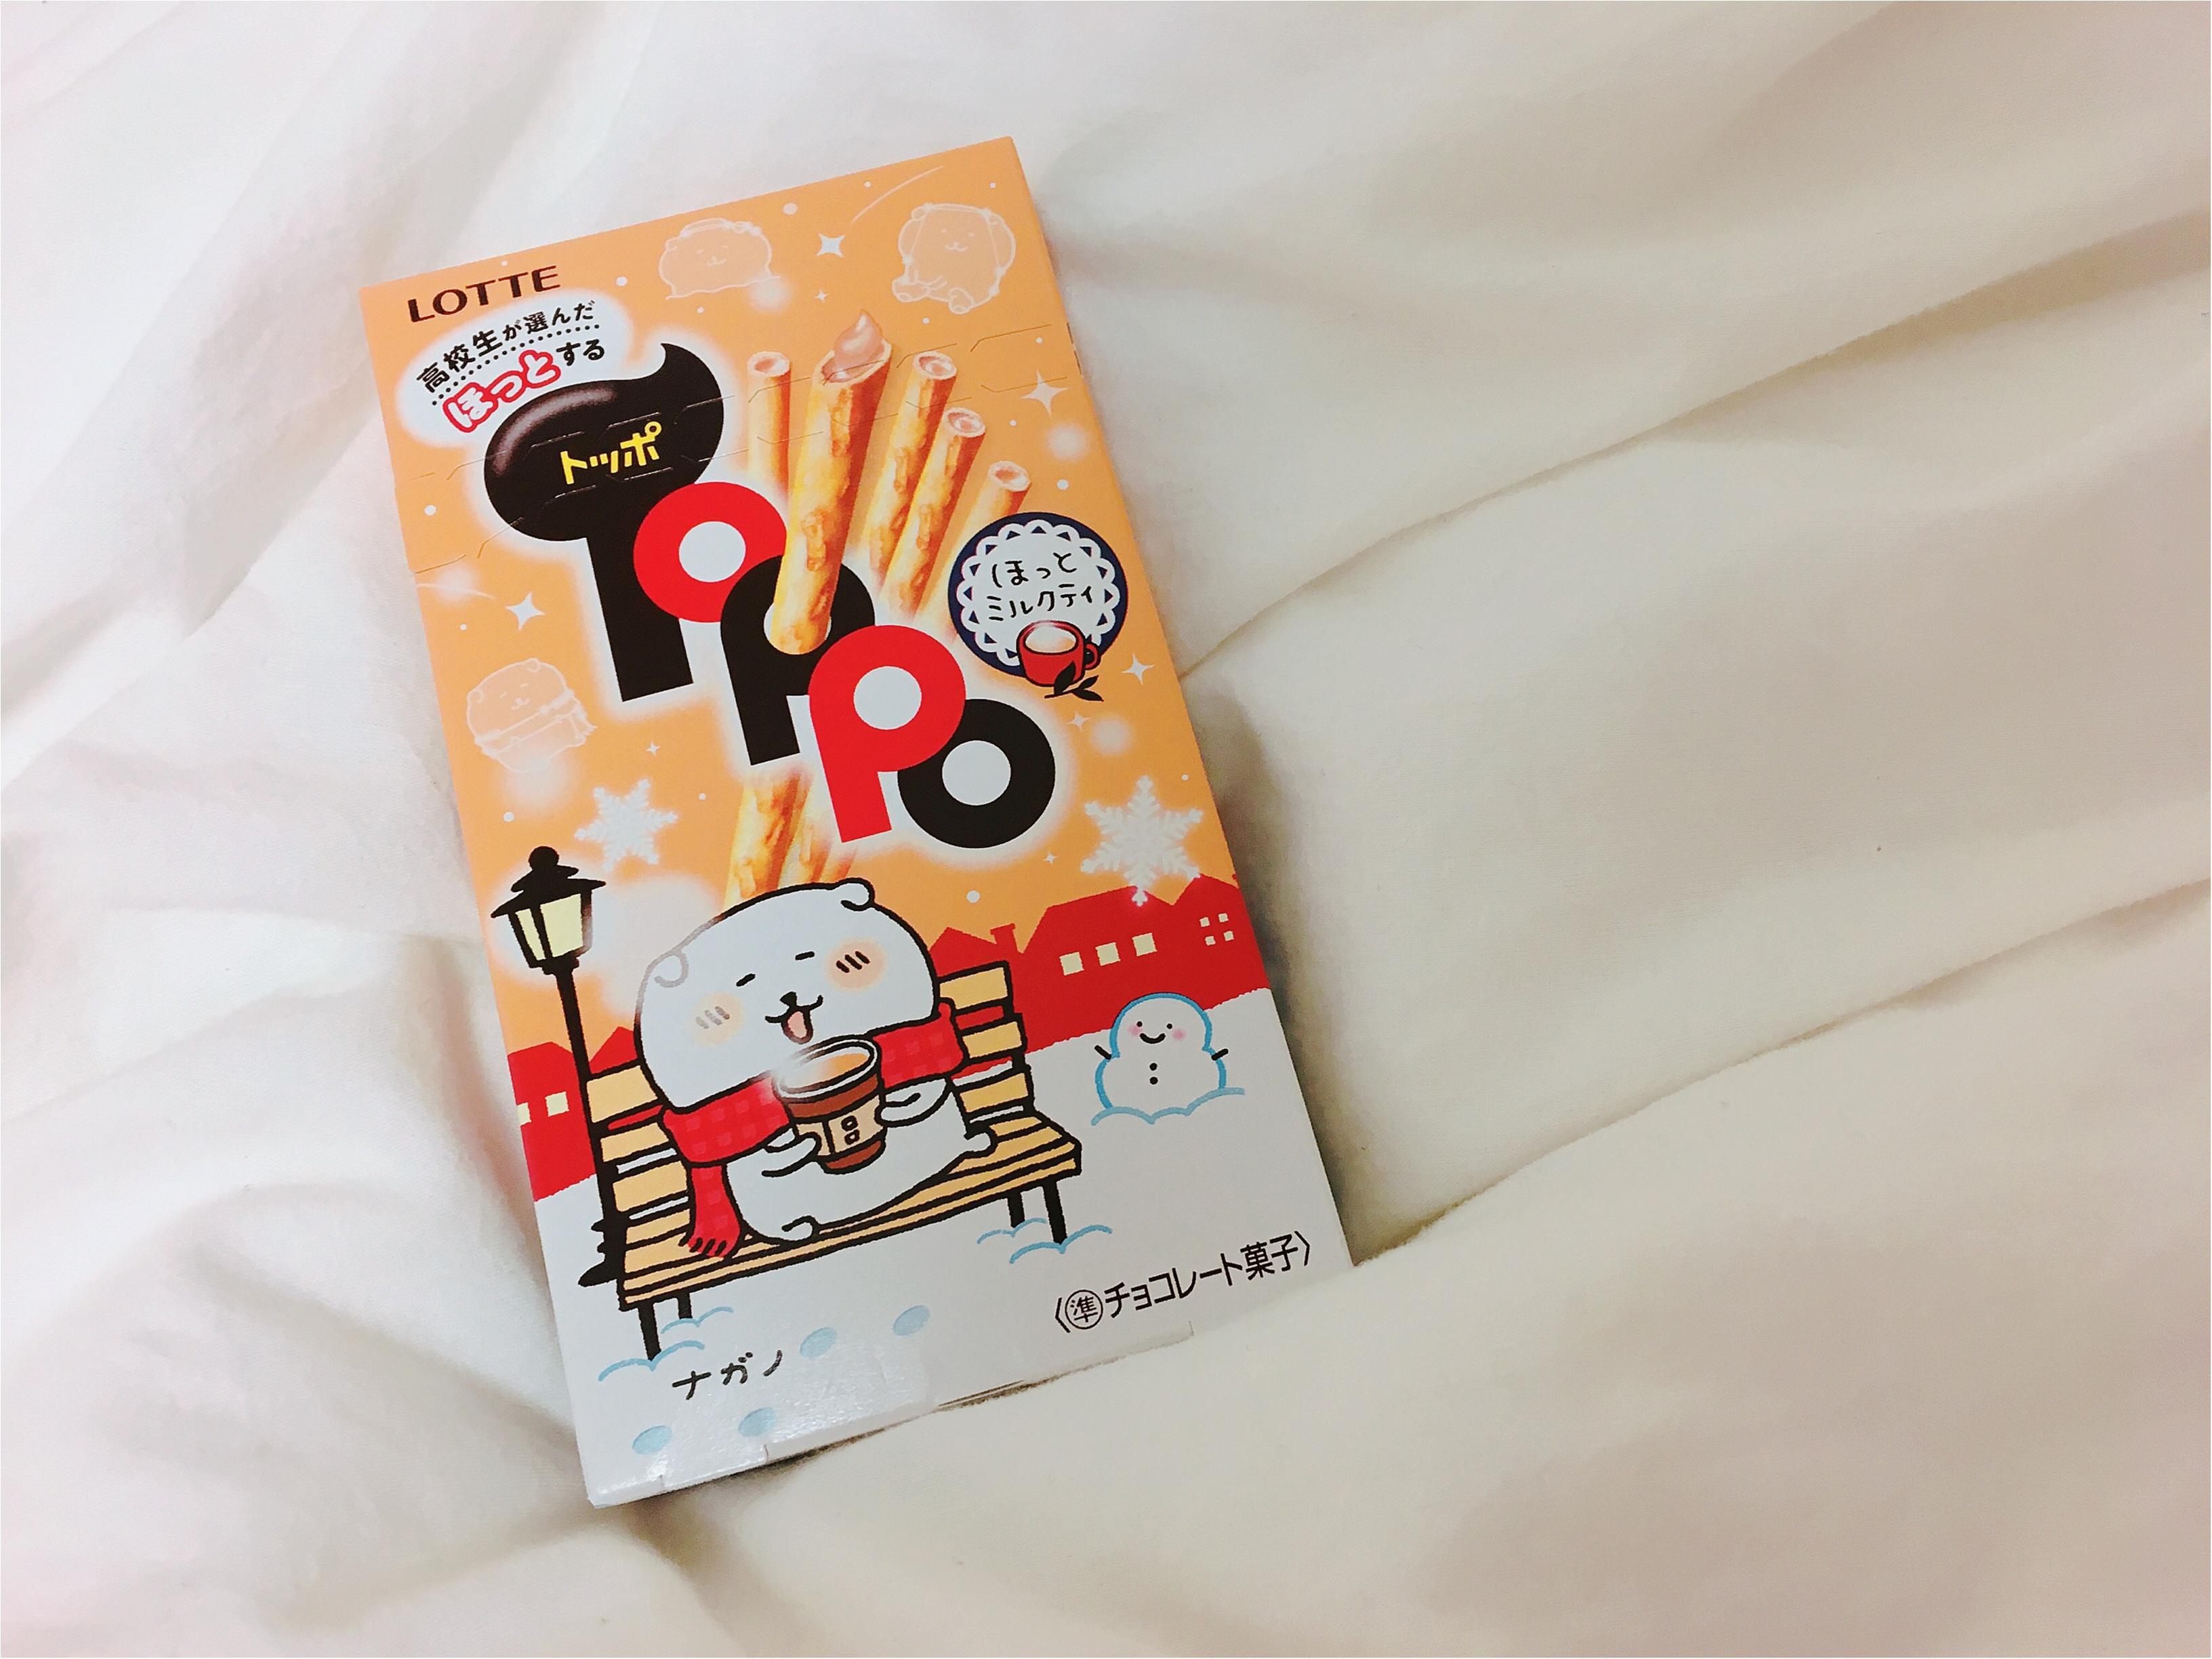 ほっとする【TOPPO(トッポ)】ミルクティー味が新登場♡「自分ツッコミくま」のナガノさんパッケージがかわいい!_1